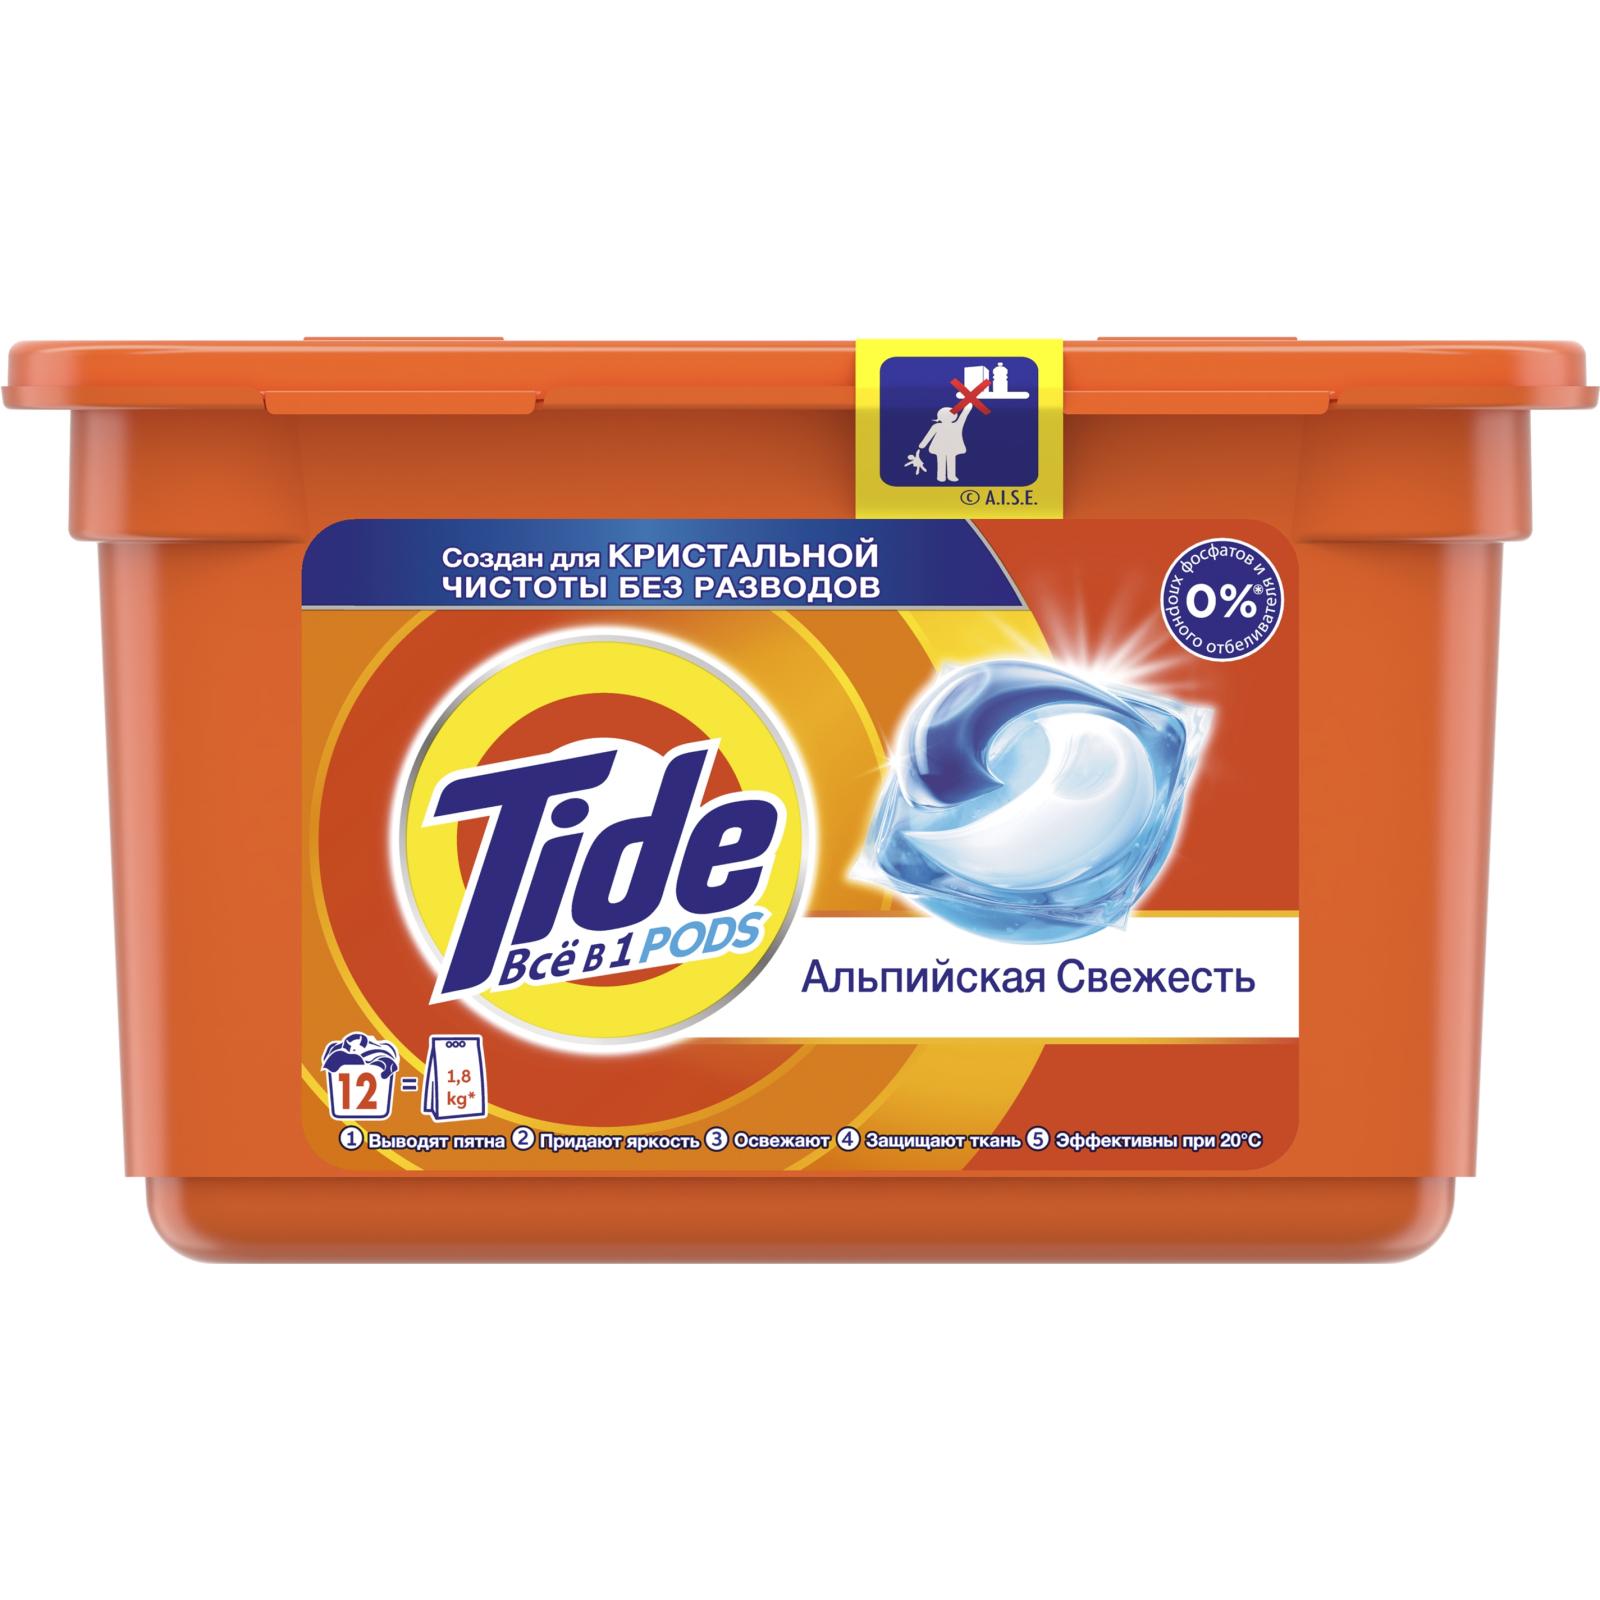 Капсулы для стирки Tide Все-в-1 Альпийская свежесть 12 шт. (4084500569478)